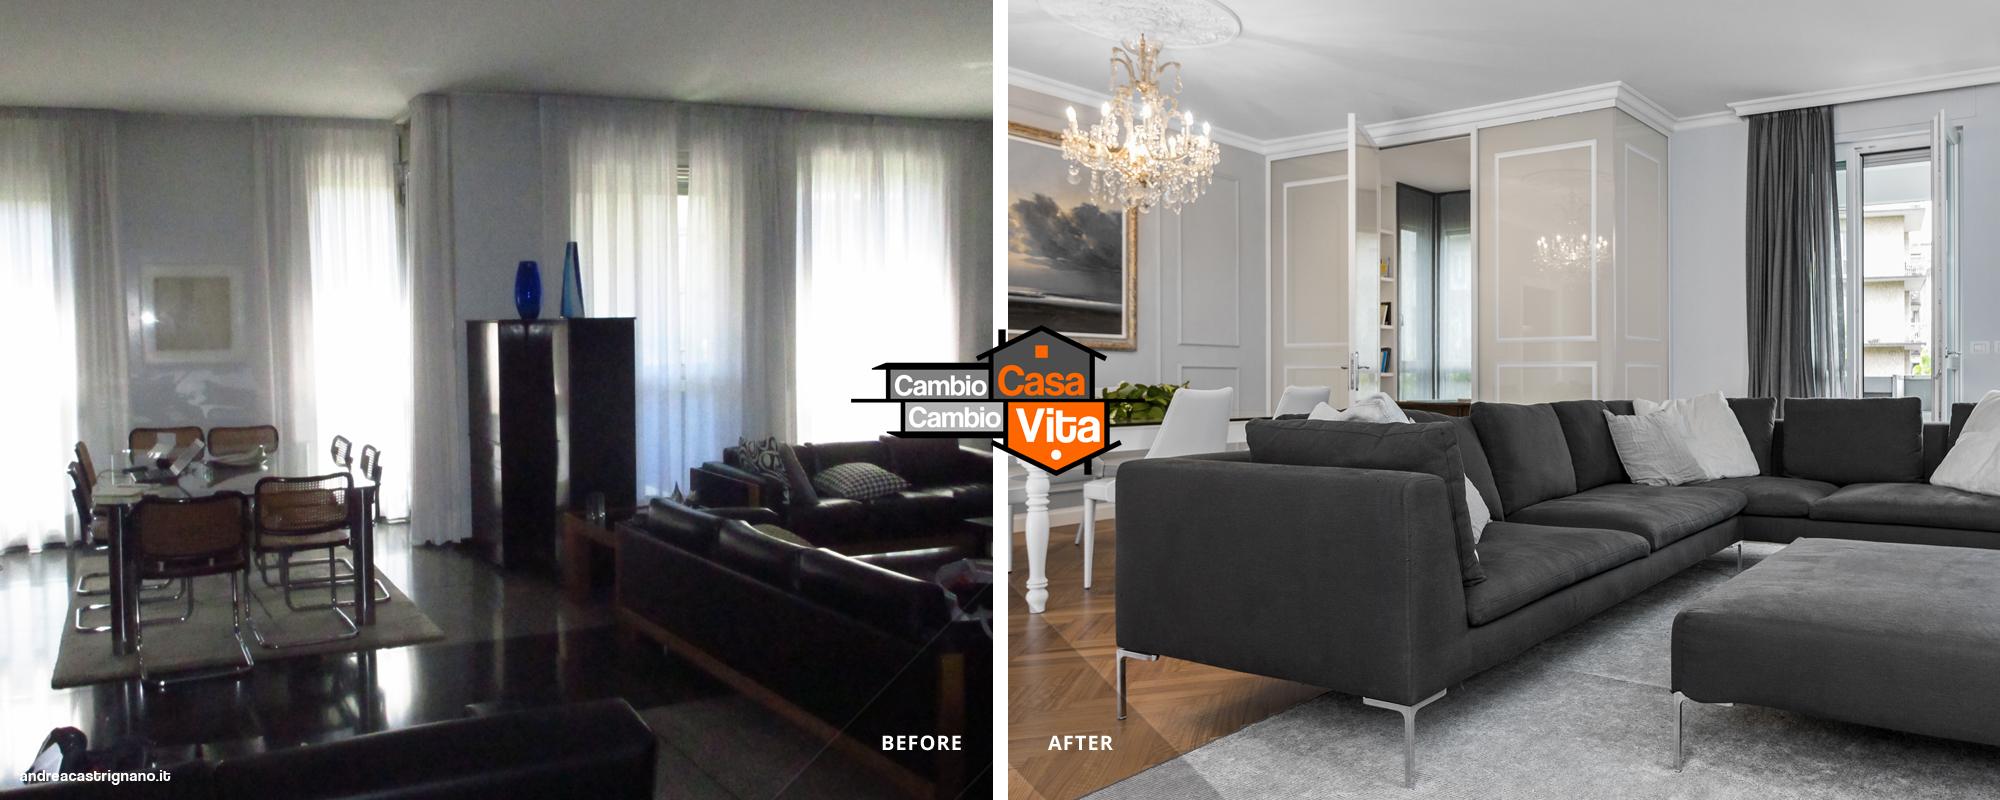 Un ufficio domestico andrea castrignano - Cambio casa cambio vita costi ...